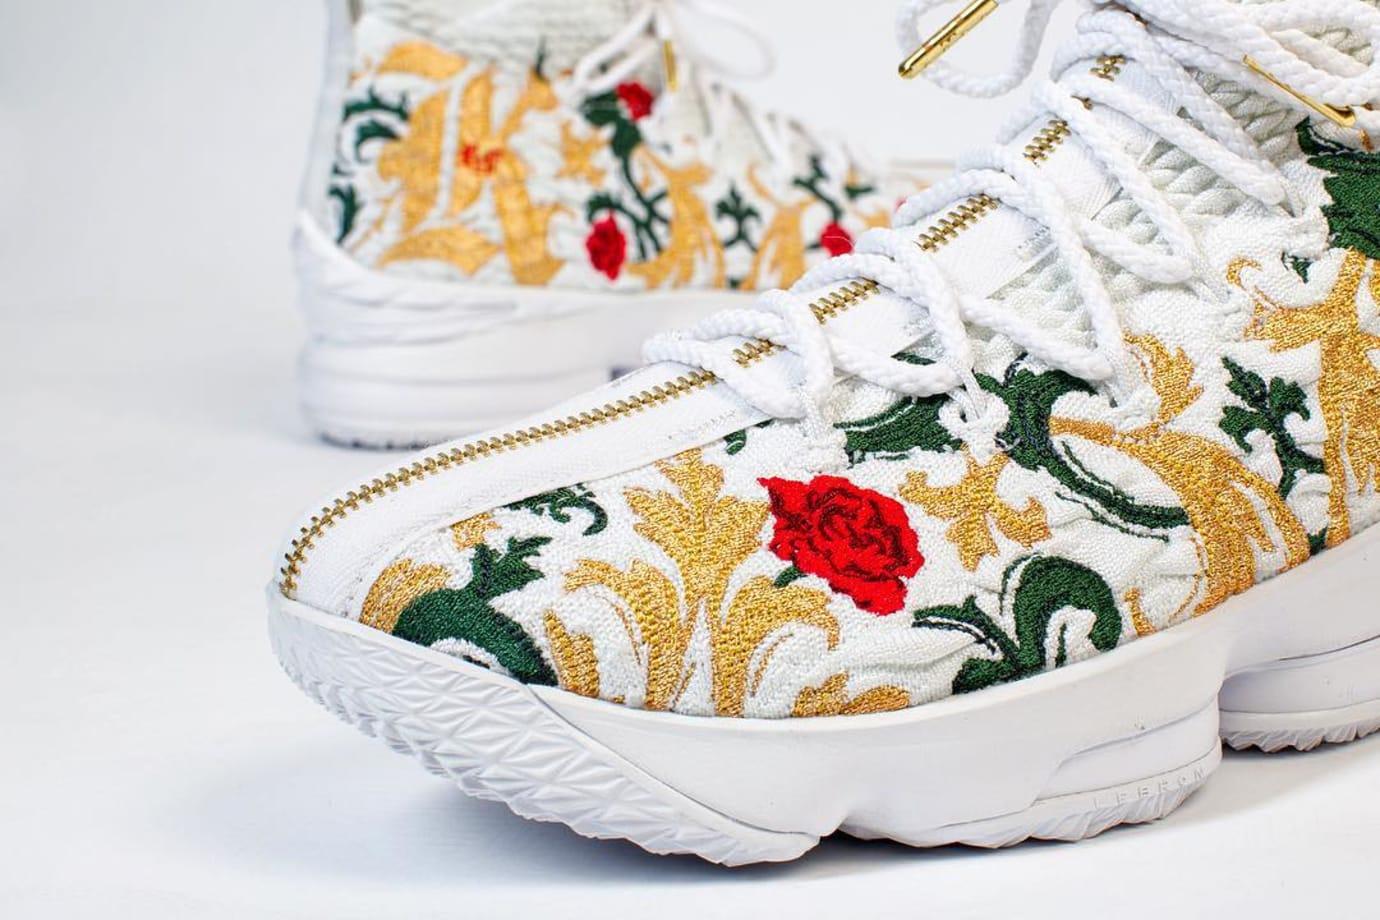 Nike LeBron 15 Floral Toe